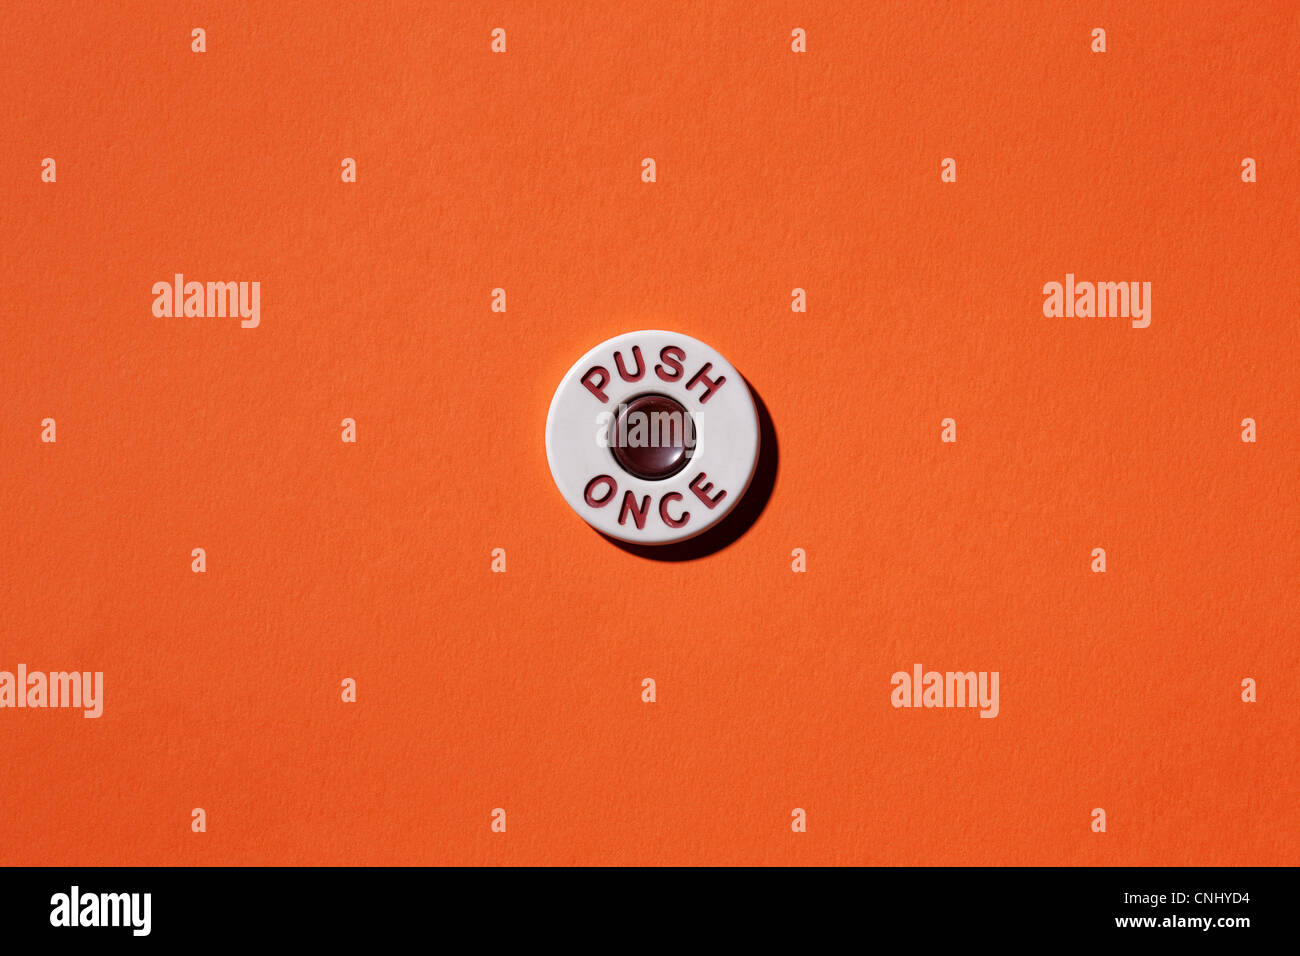 Pulse una vez el botón de fondo naranja Imagen De Stock